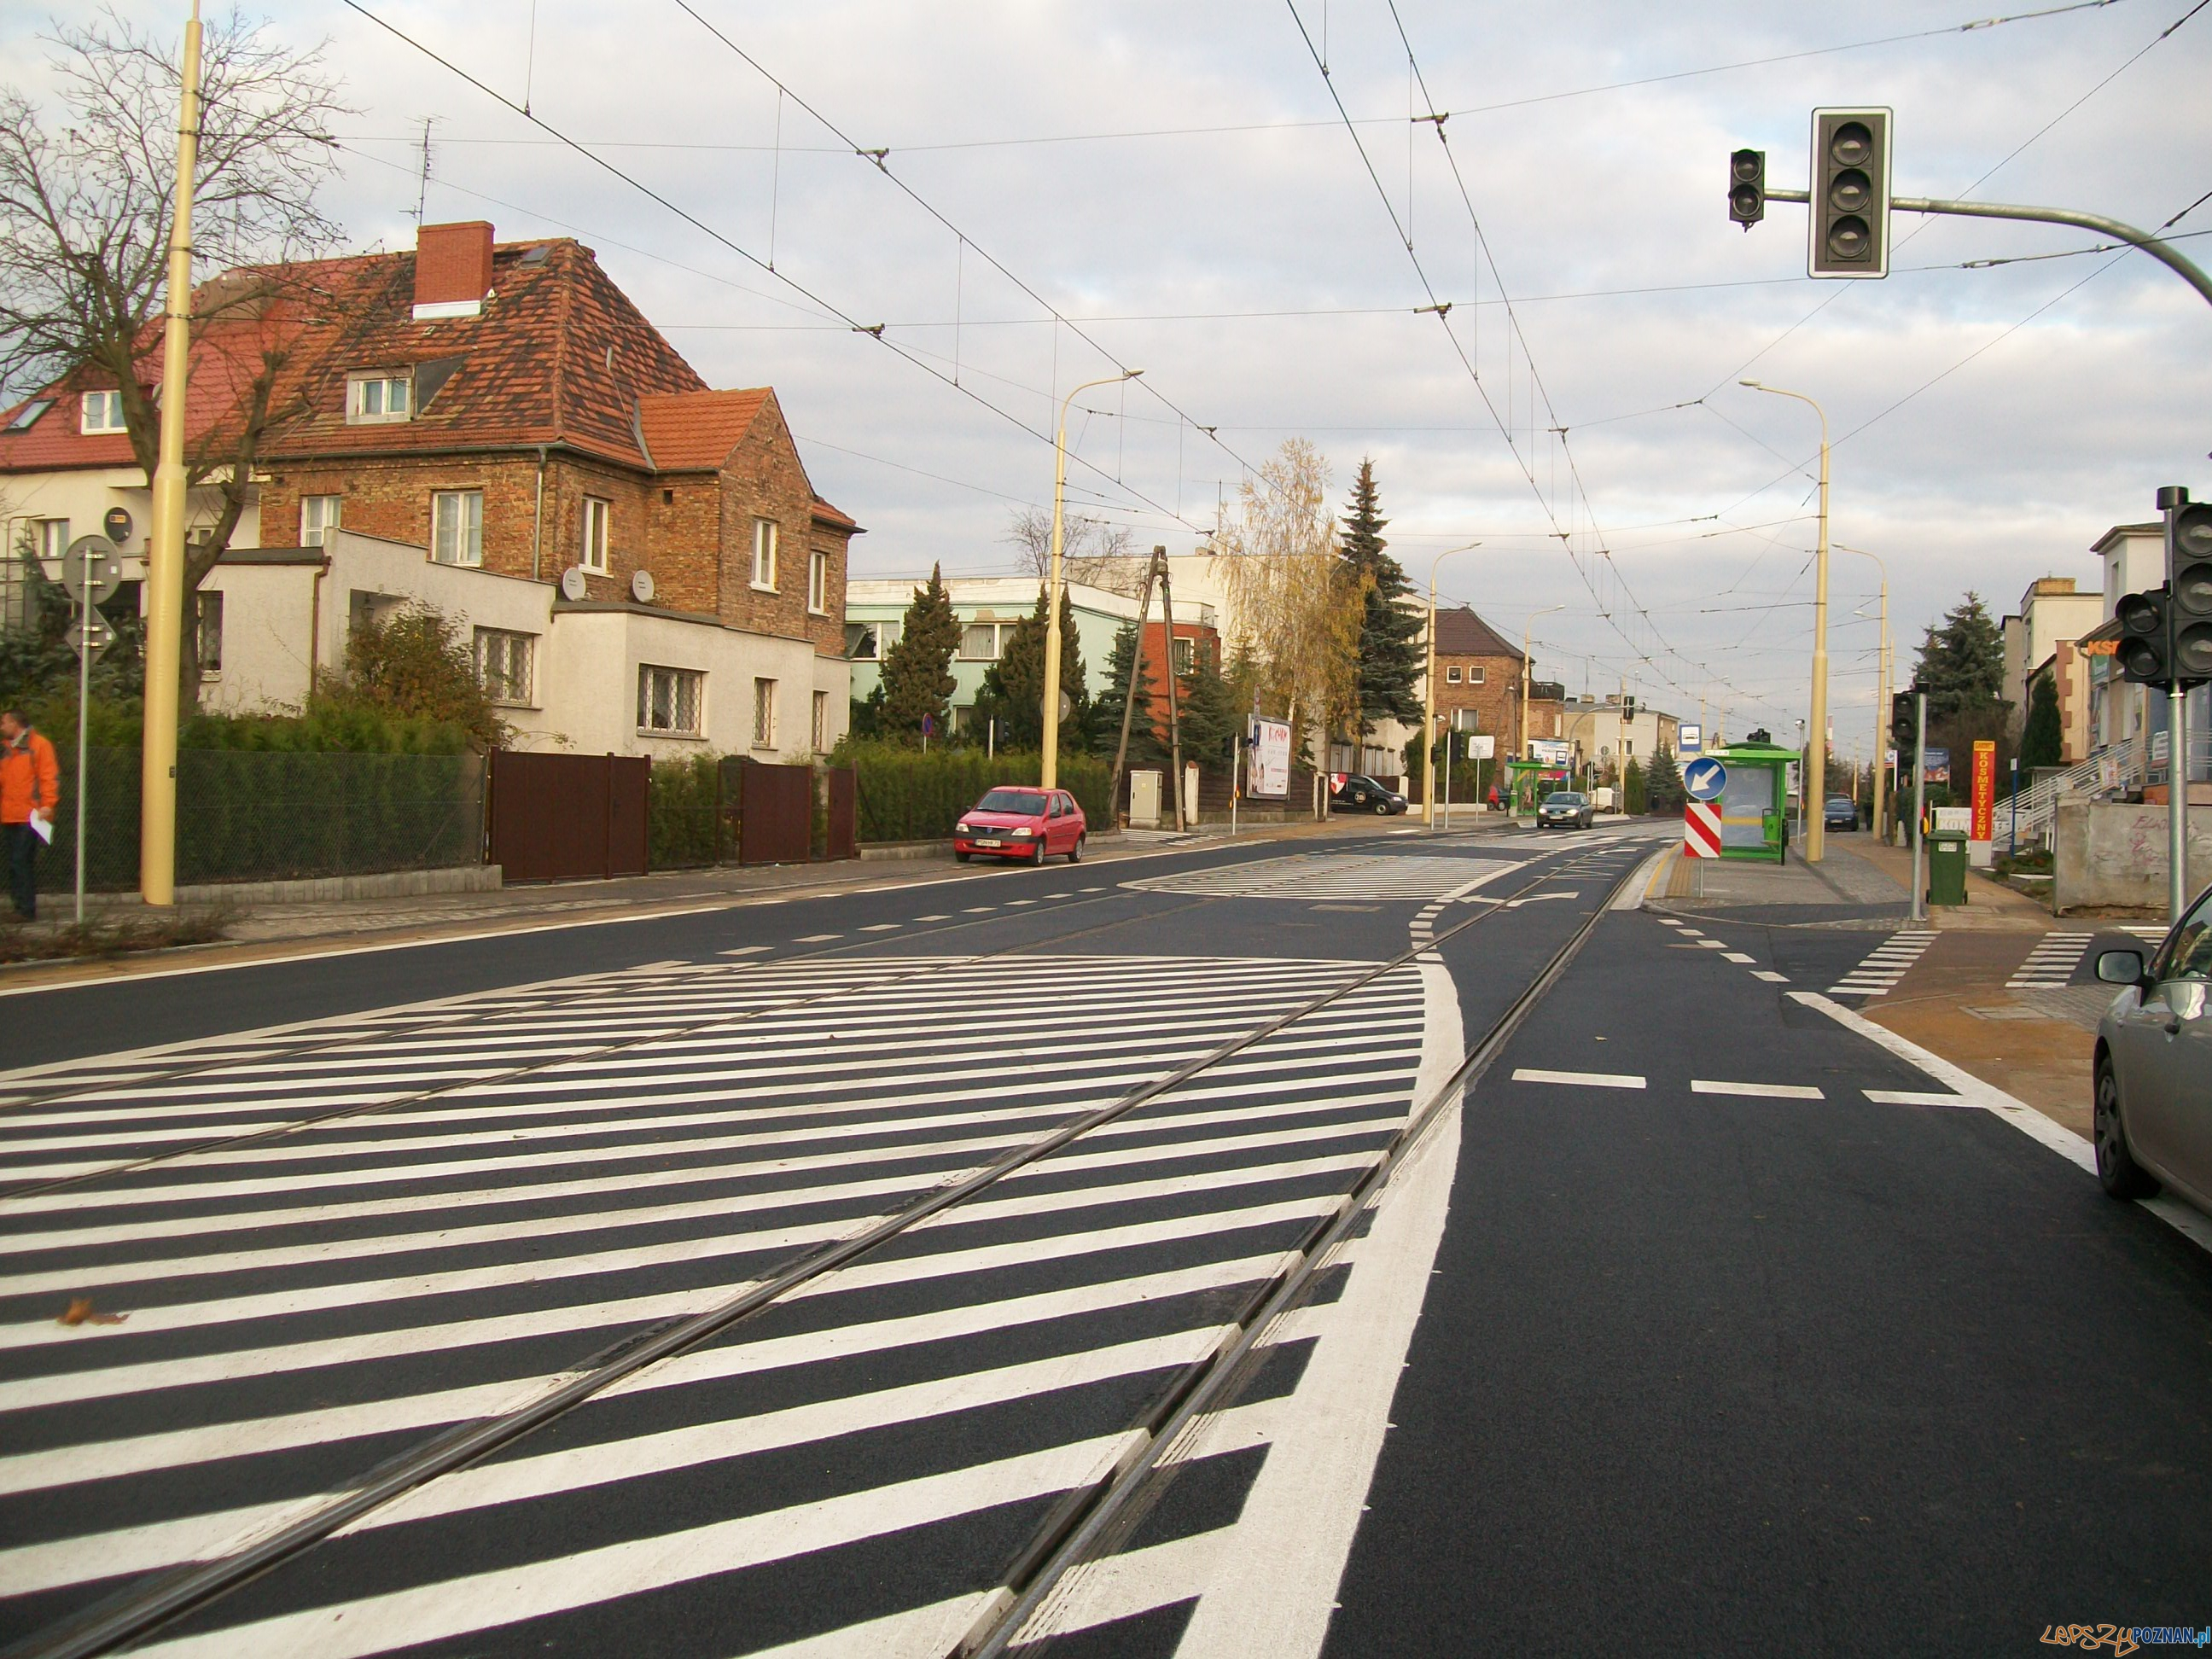 ul. Winogrady - nowy asfalt, nowa zieleń, nowe zasady ruchu.  Foto: